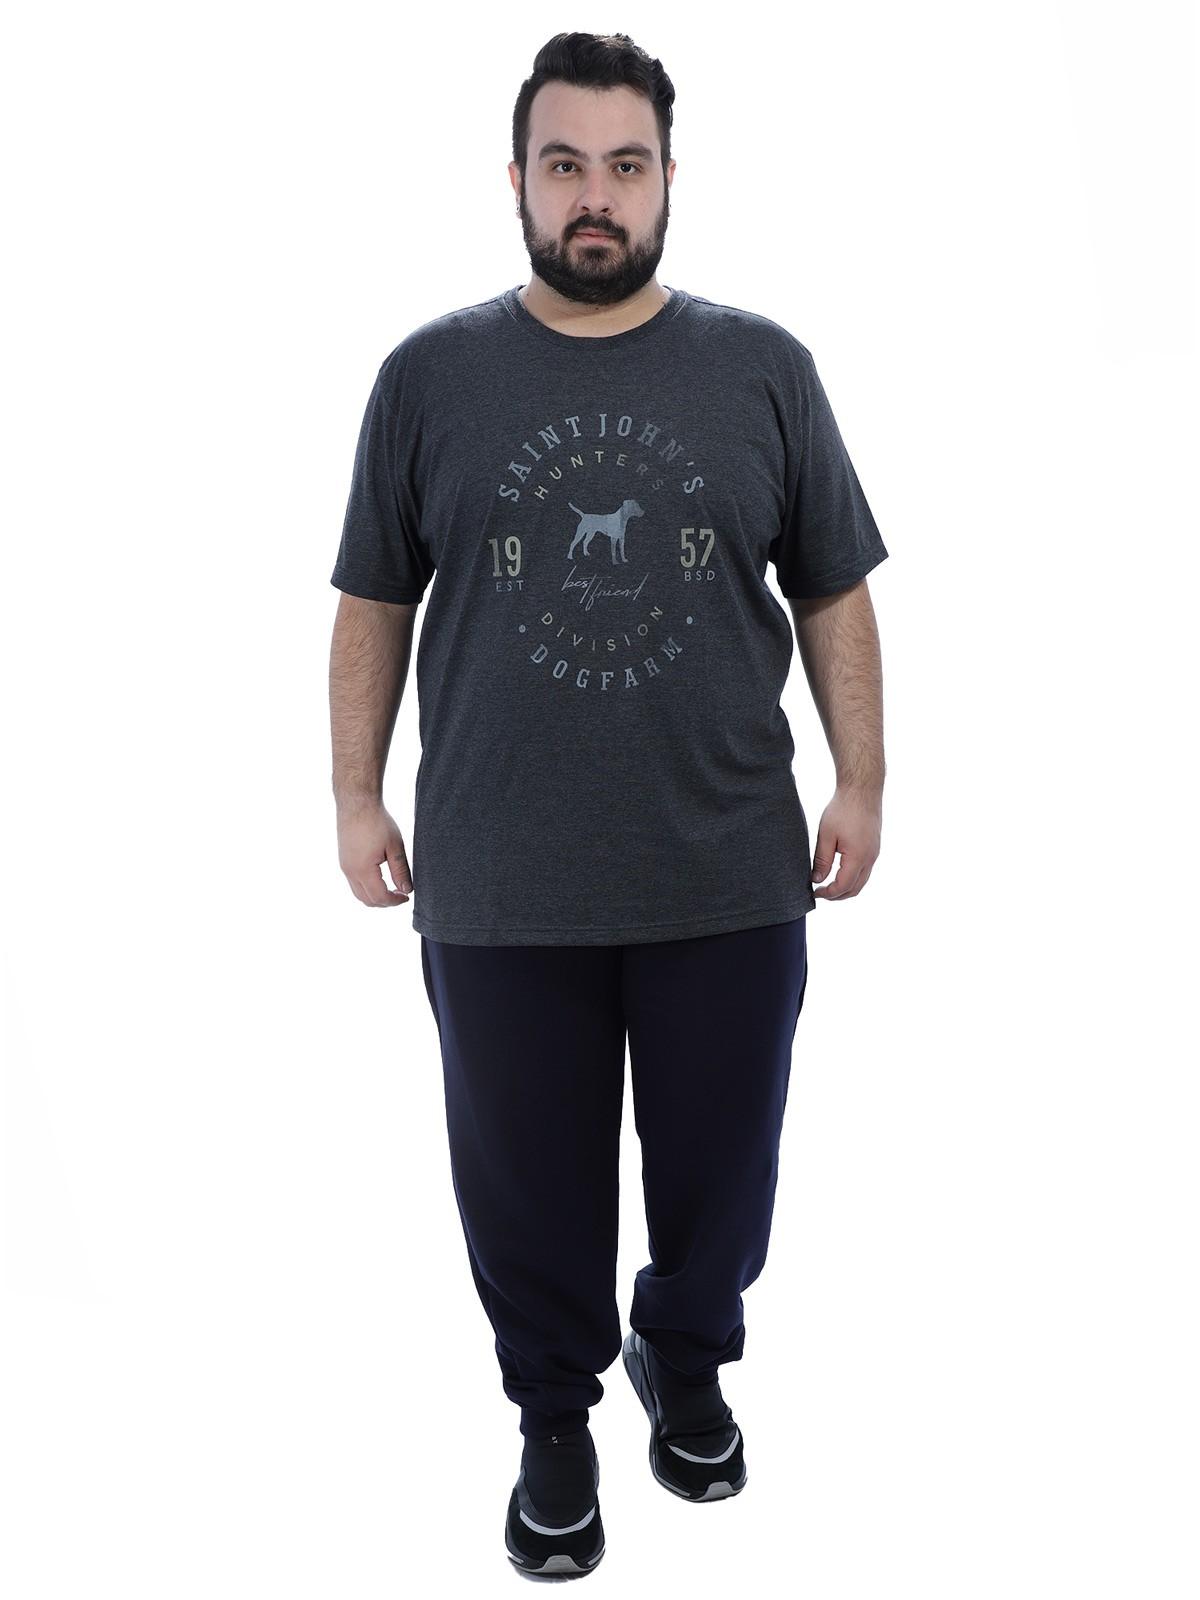 Calça Plus Size Masculino de Moletom Sem Felpa Anistia Azul Marinho